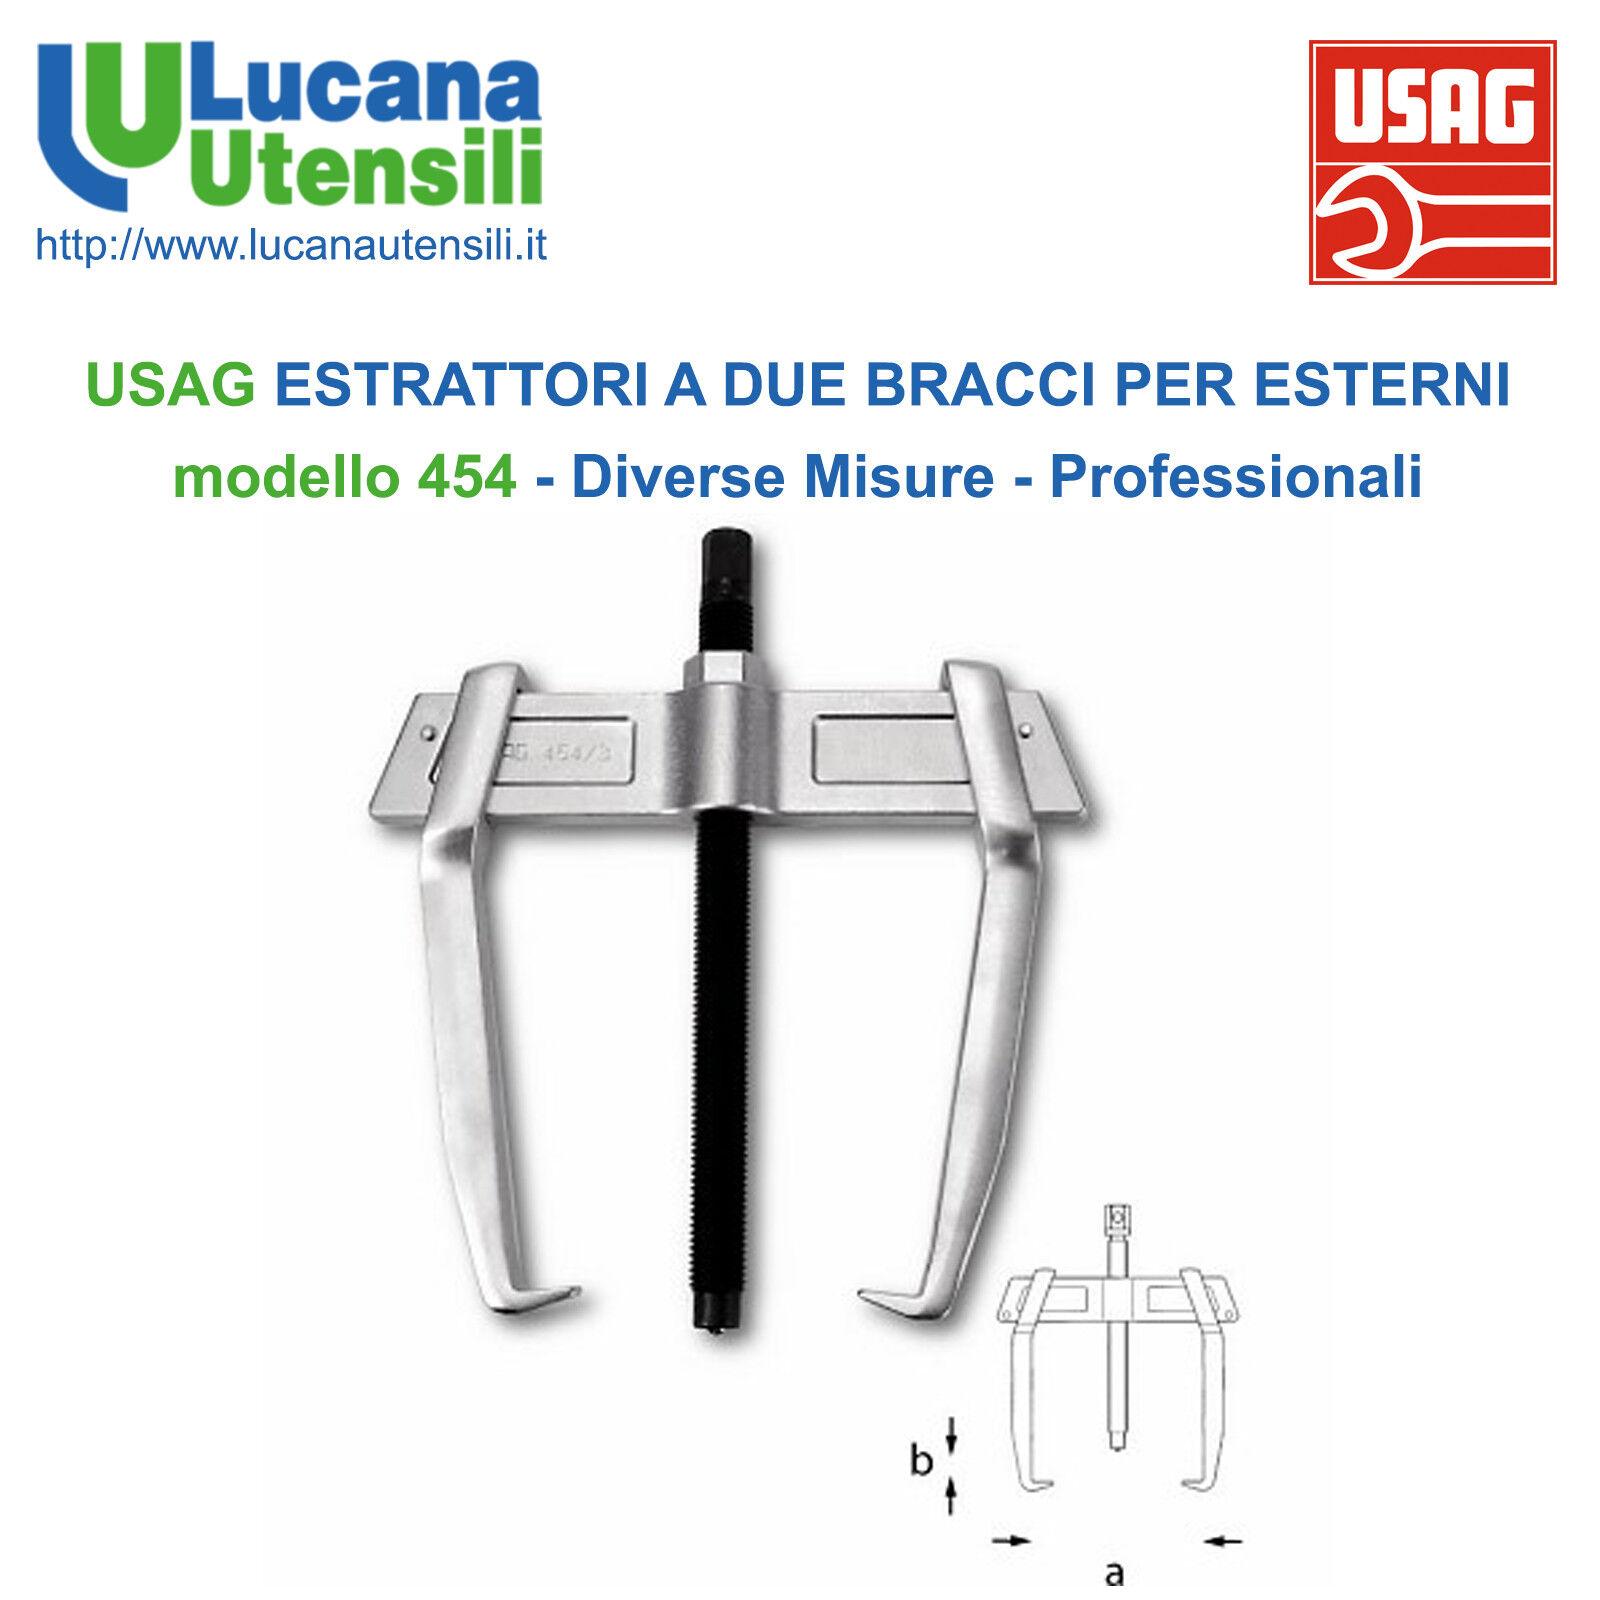 USAG ESTRATTORI a DUE BRACCI per ESTERNI modello 454 Diverse Misure Professional